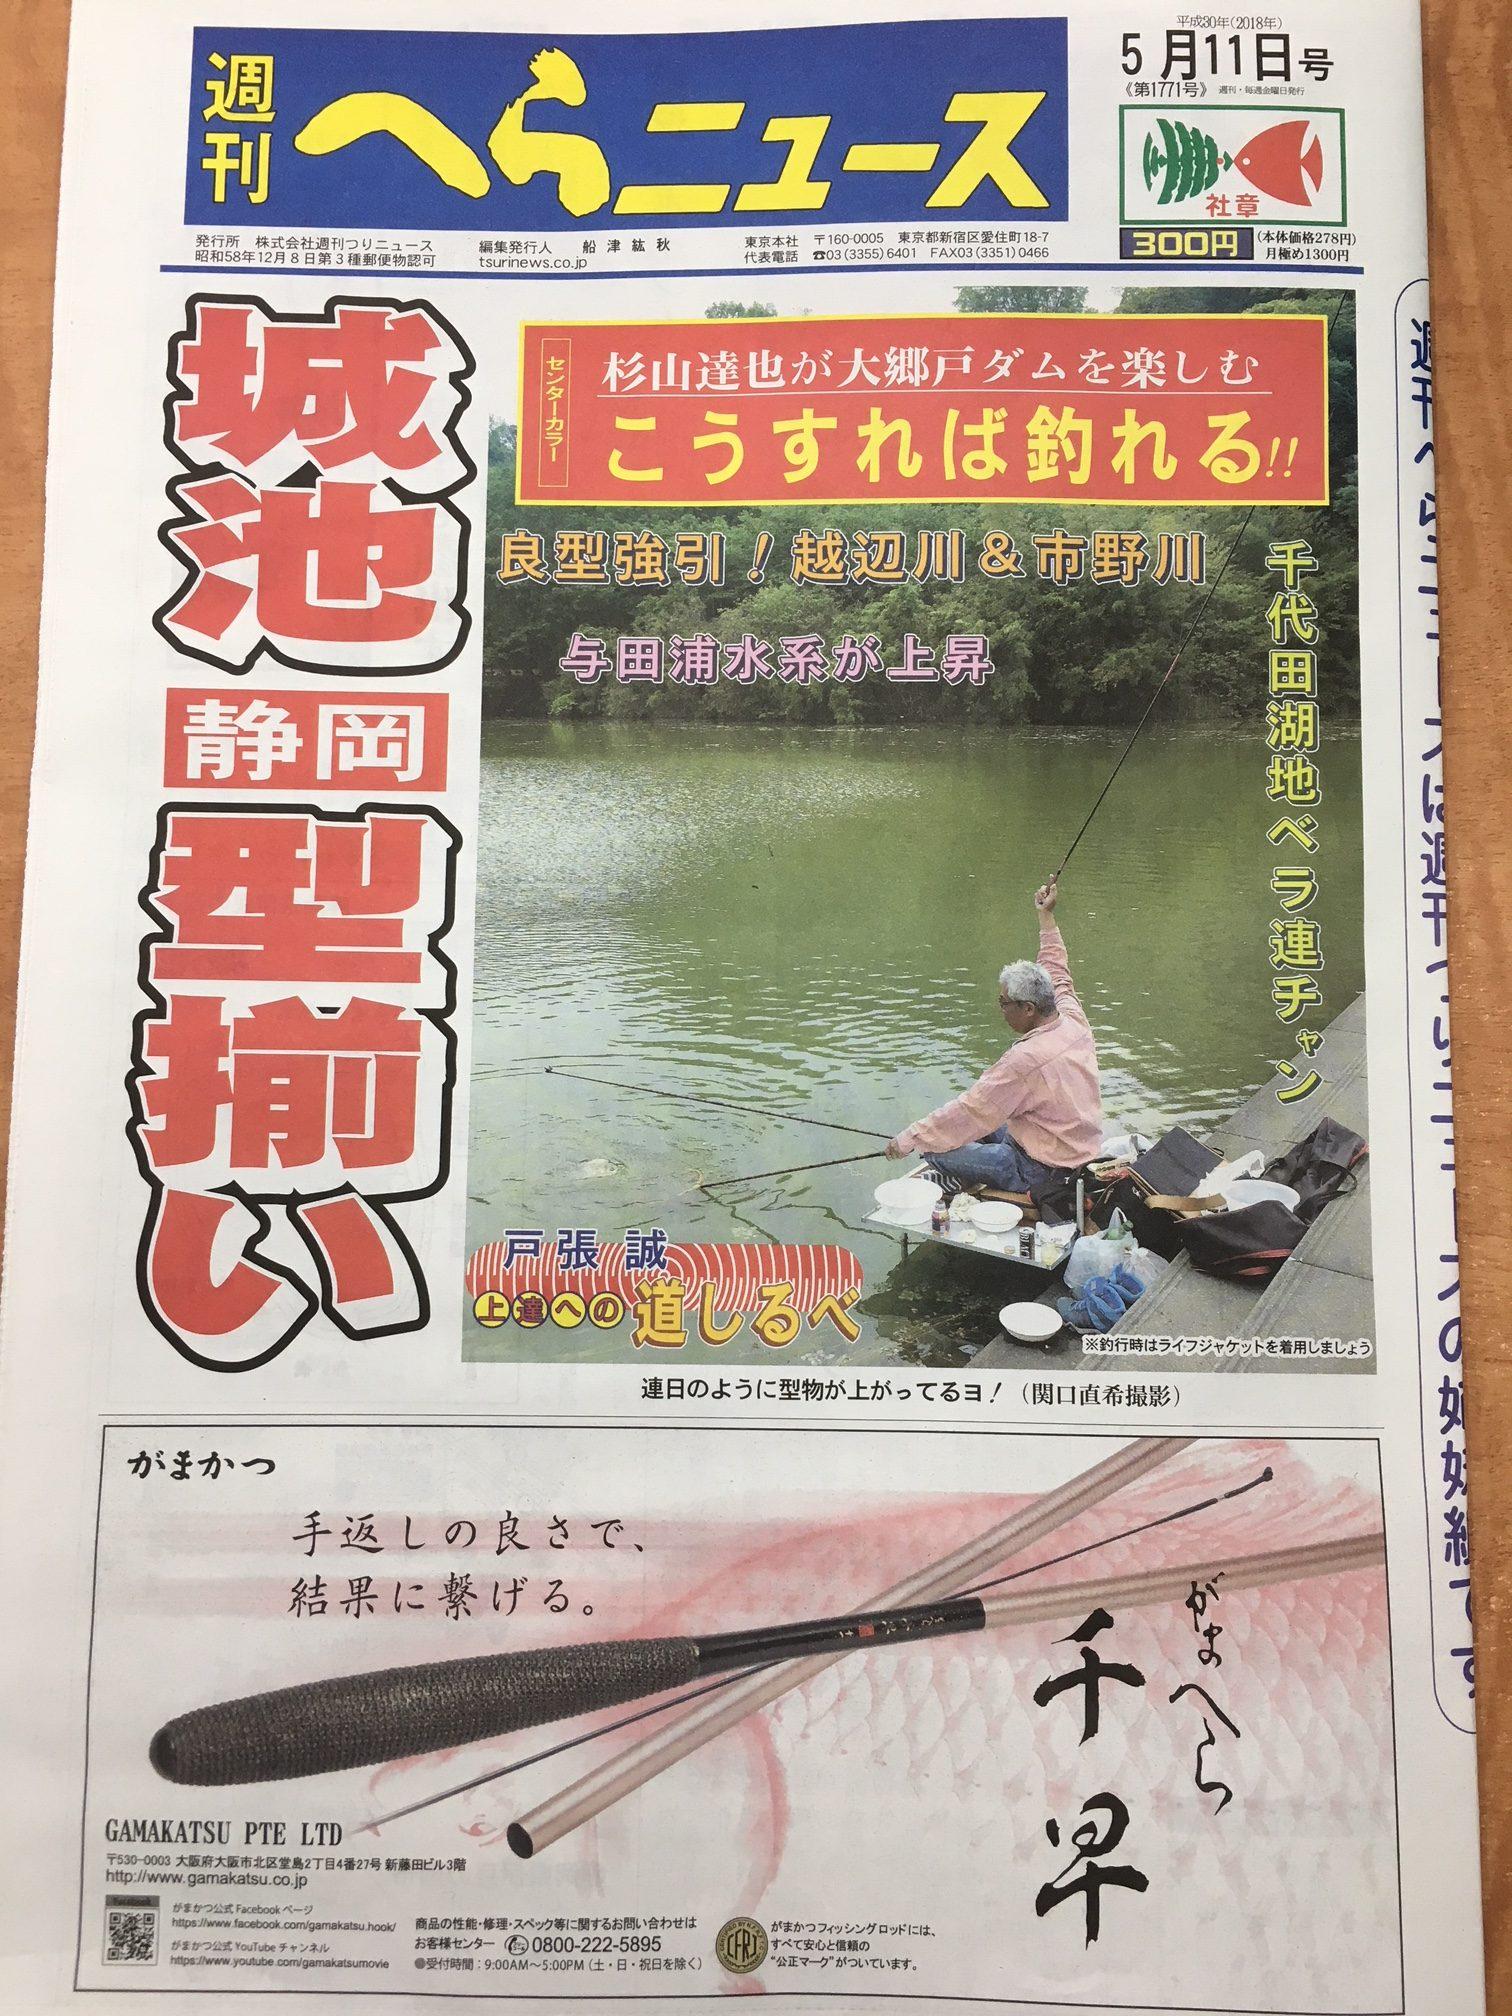 八菅ファミリー釣り場掲載!週刊つりニュース『週刊へらニュース5月11月号』